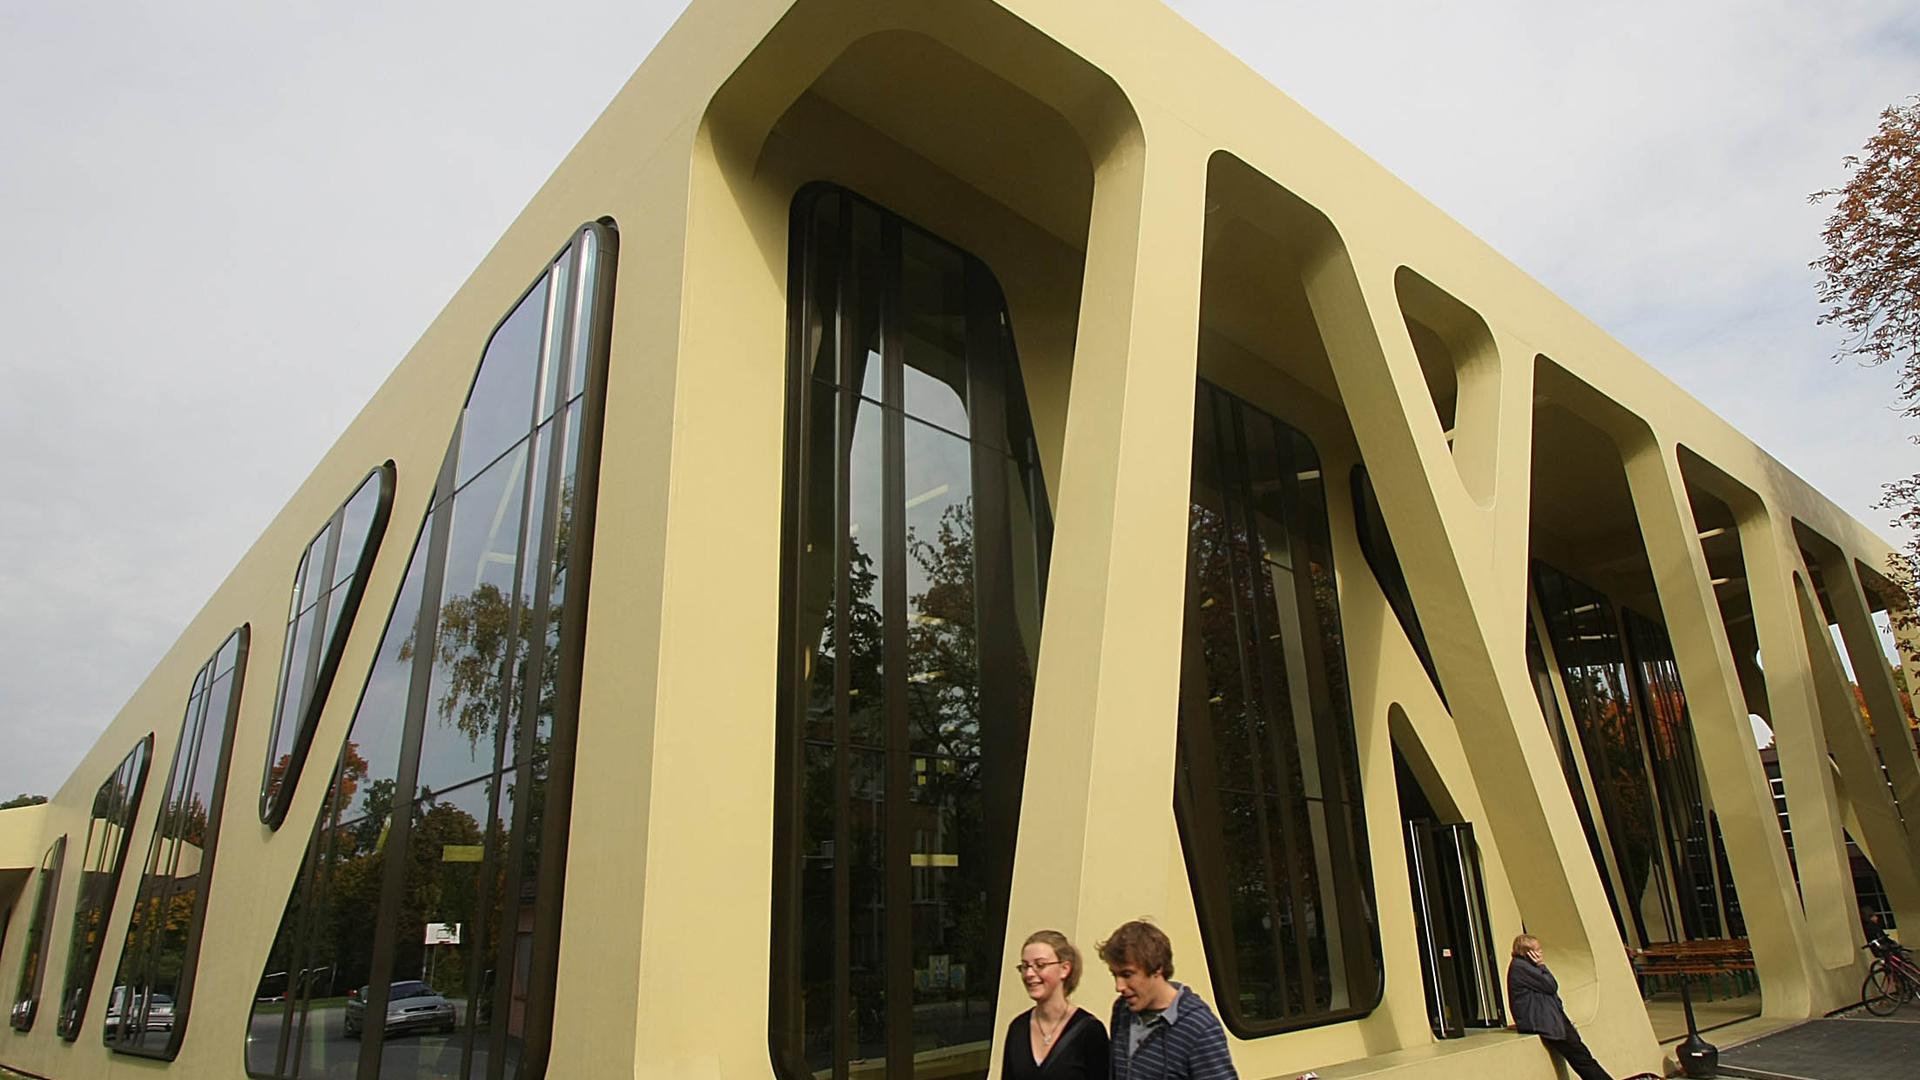 Die Mensa Moltke hat eine moderne Fassade, die schon ausgezeichnet wurde.